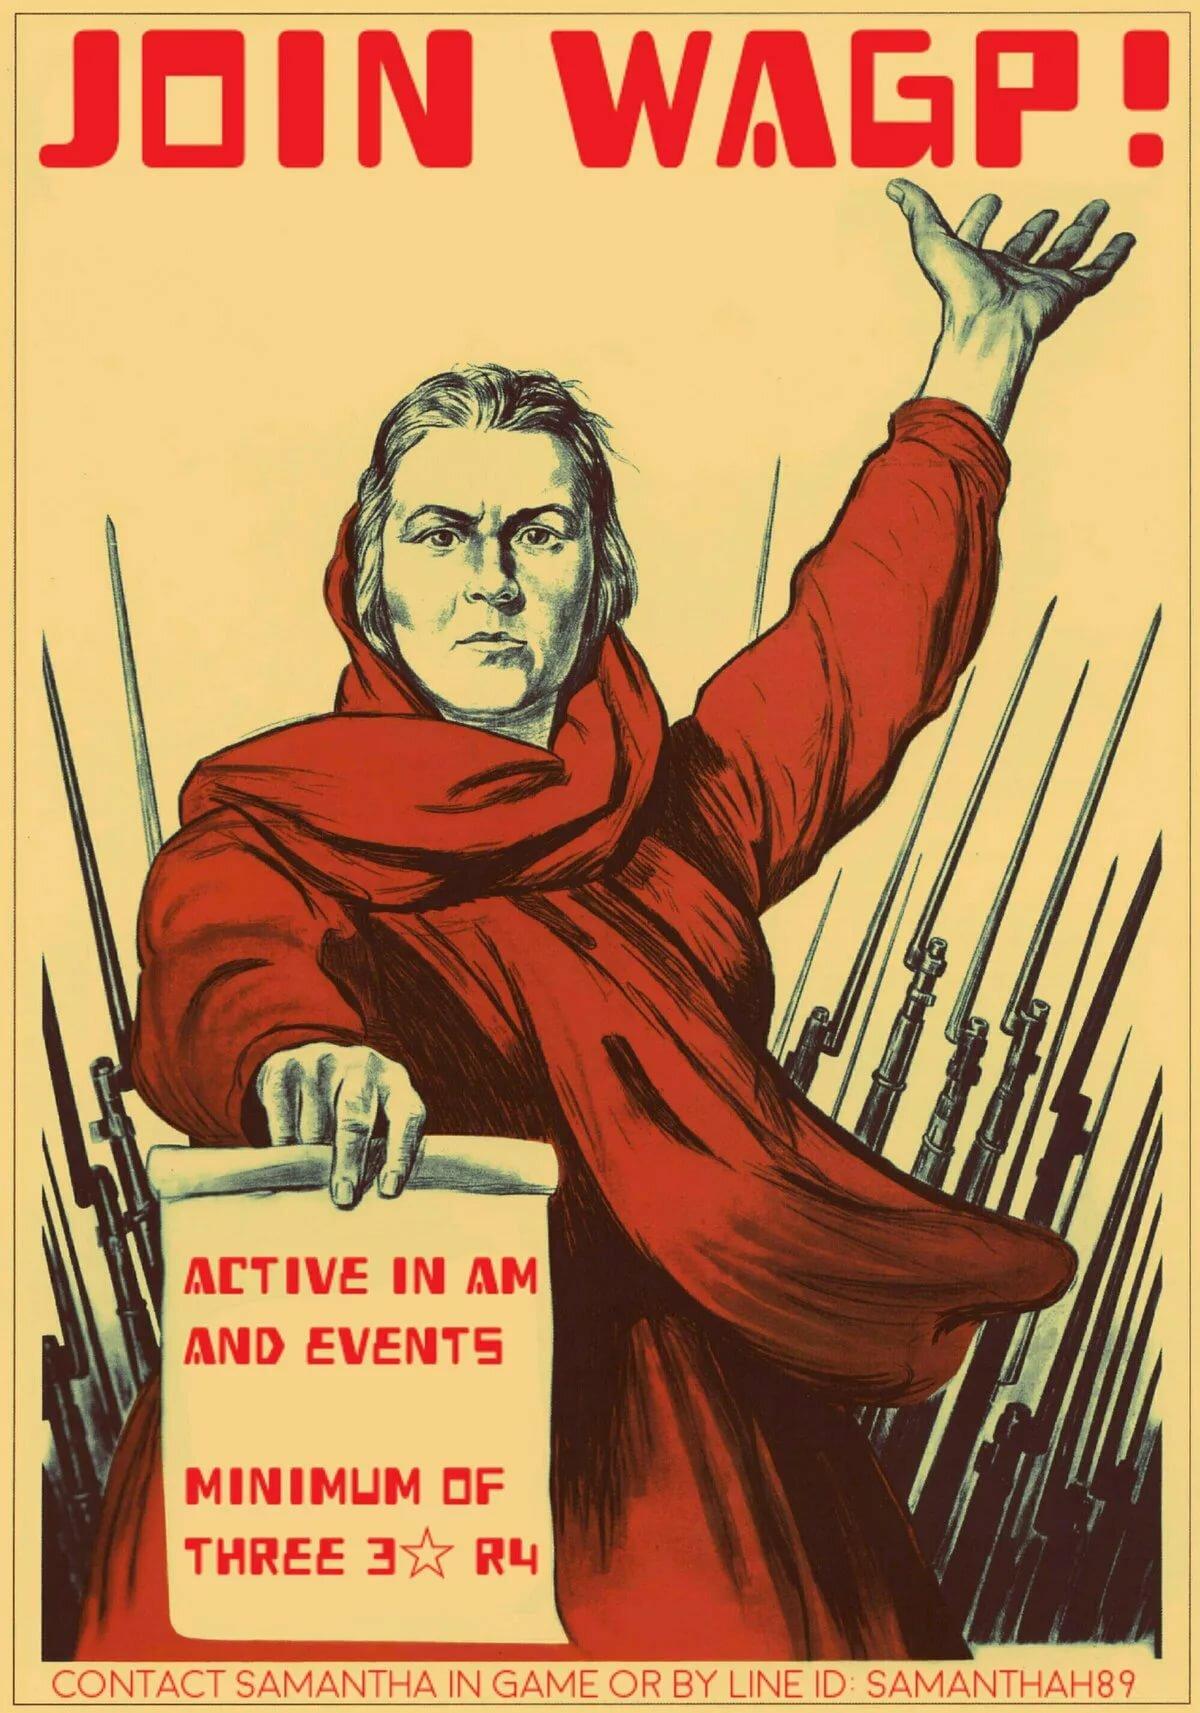 Прикольные картинки нет войне, открытку мая